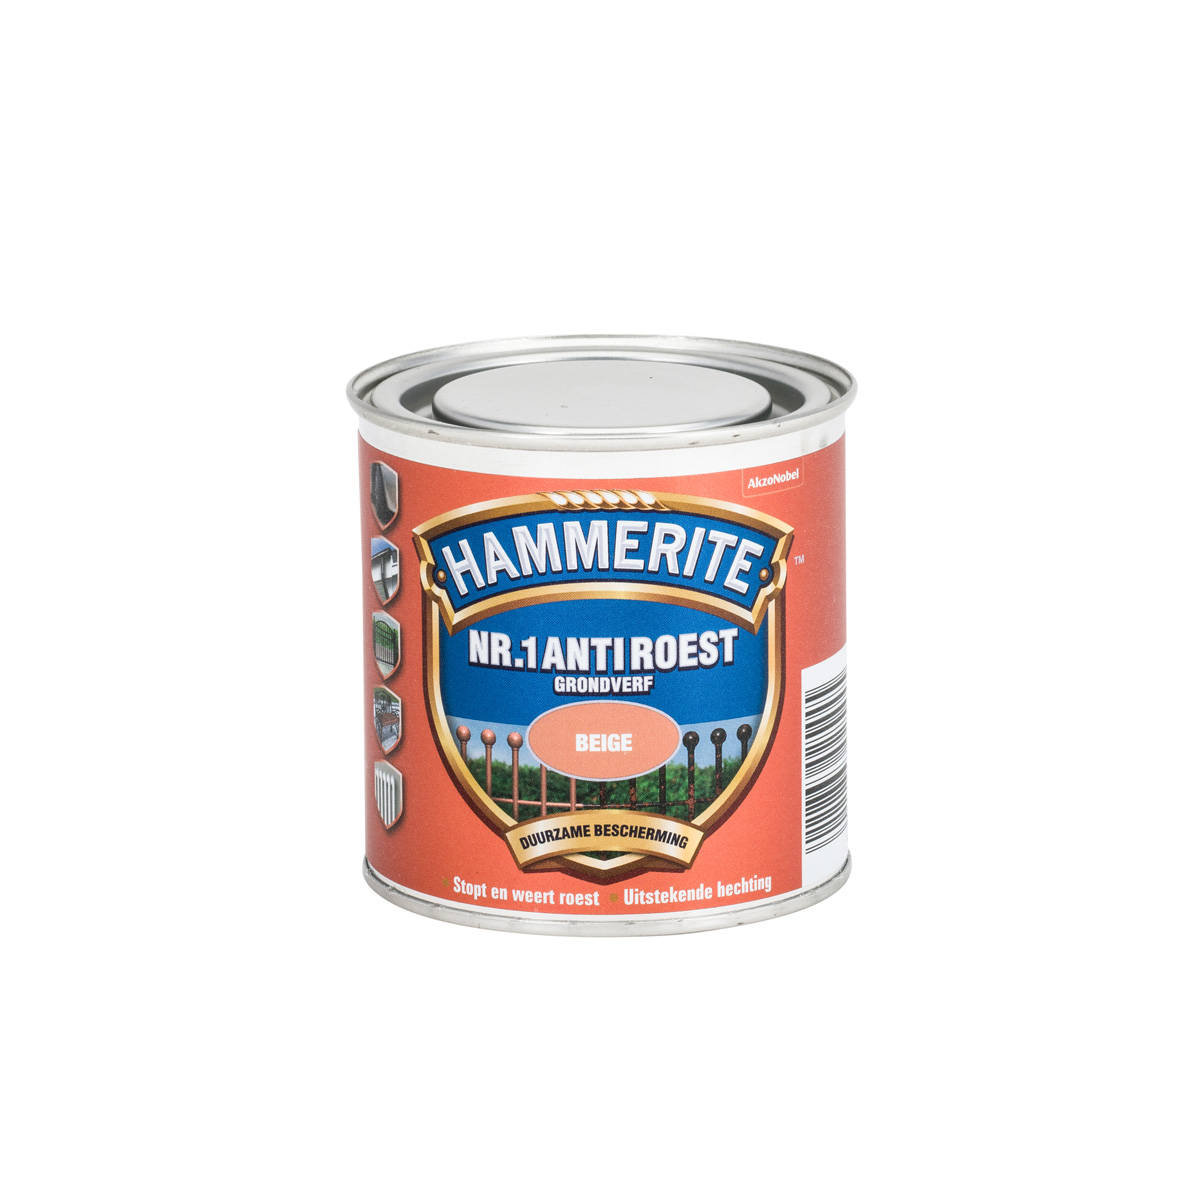 Hammerite Antiroest Grondverf